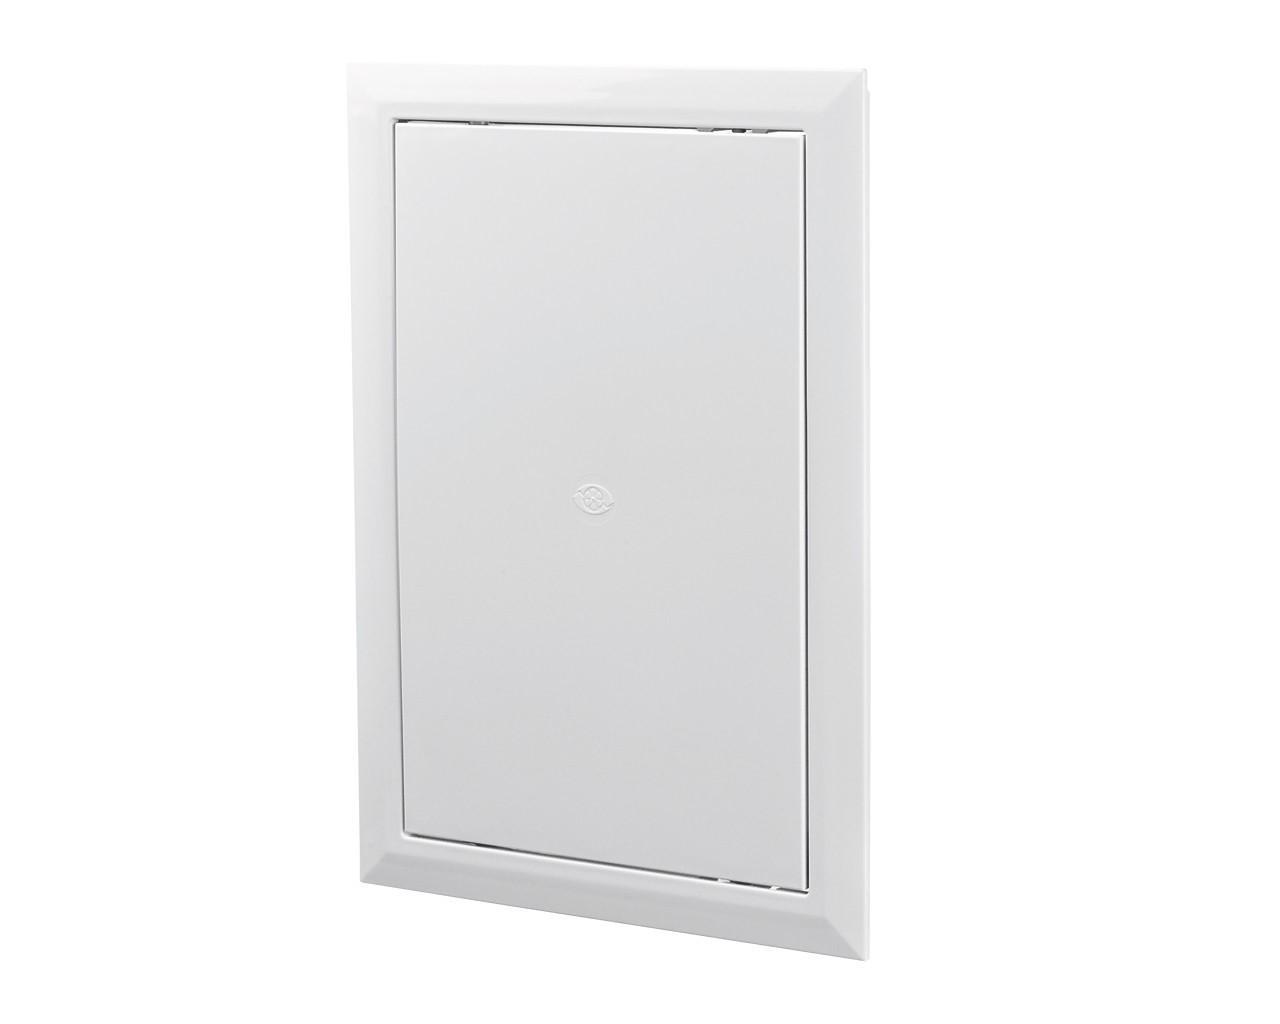 Ревизионная дверца Д 400х600